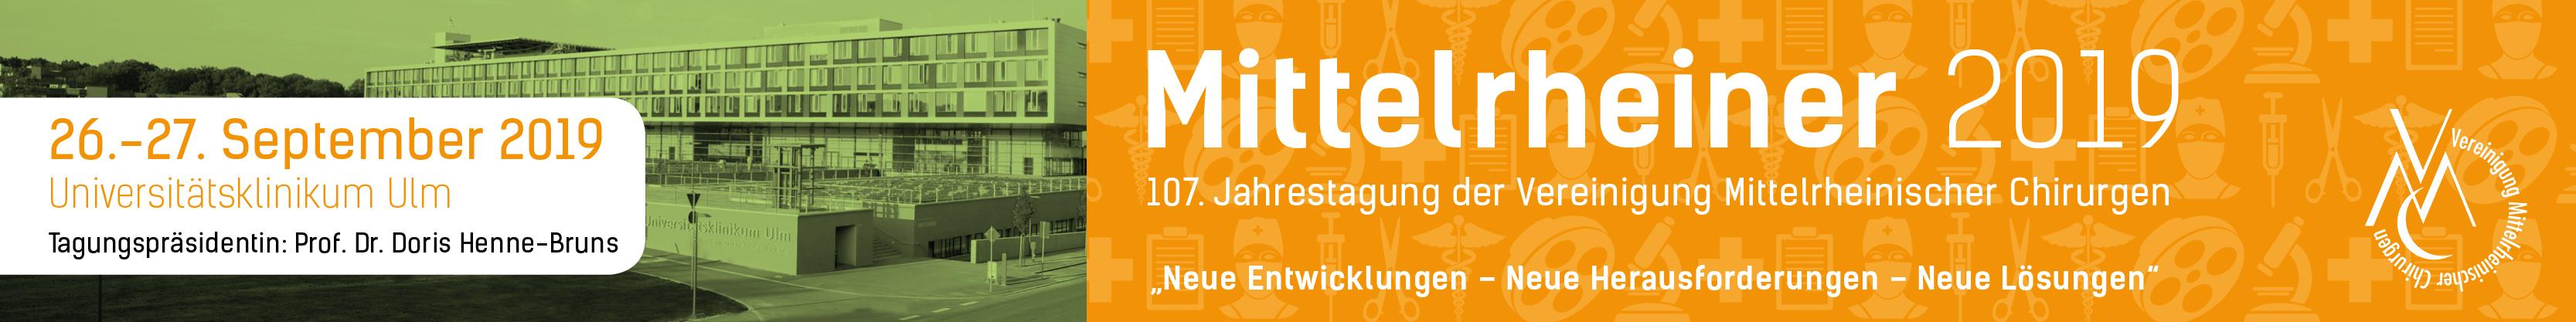 Mittelrheiner 2019